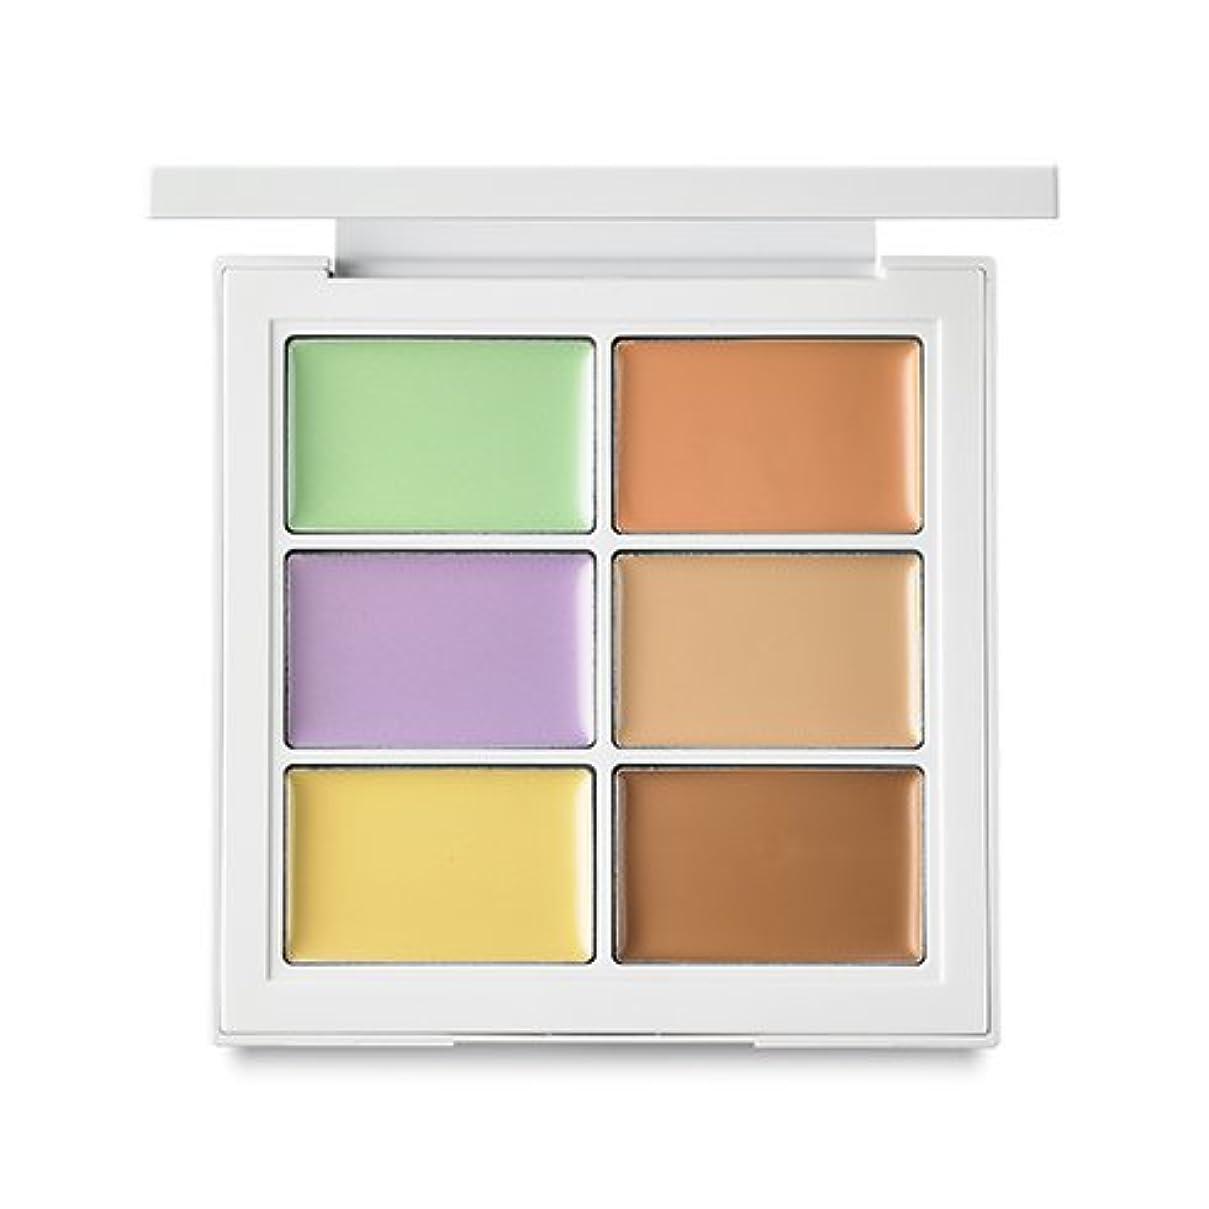 はがきまどろみのあるネックレスBANILA CO It Radiant CC Color Palette 8.5g/バニラコ イット ラディアント CC カラー パレット 8.5g (#Warm Tone) [並行輸入品]